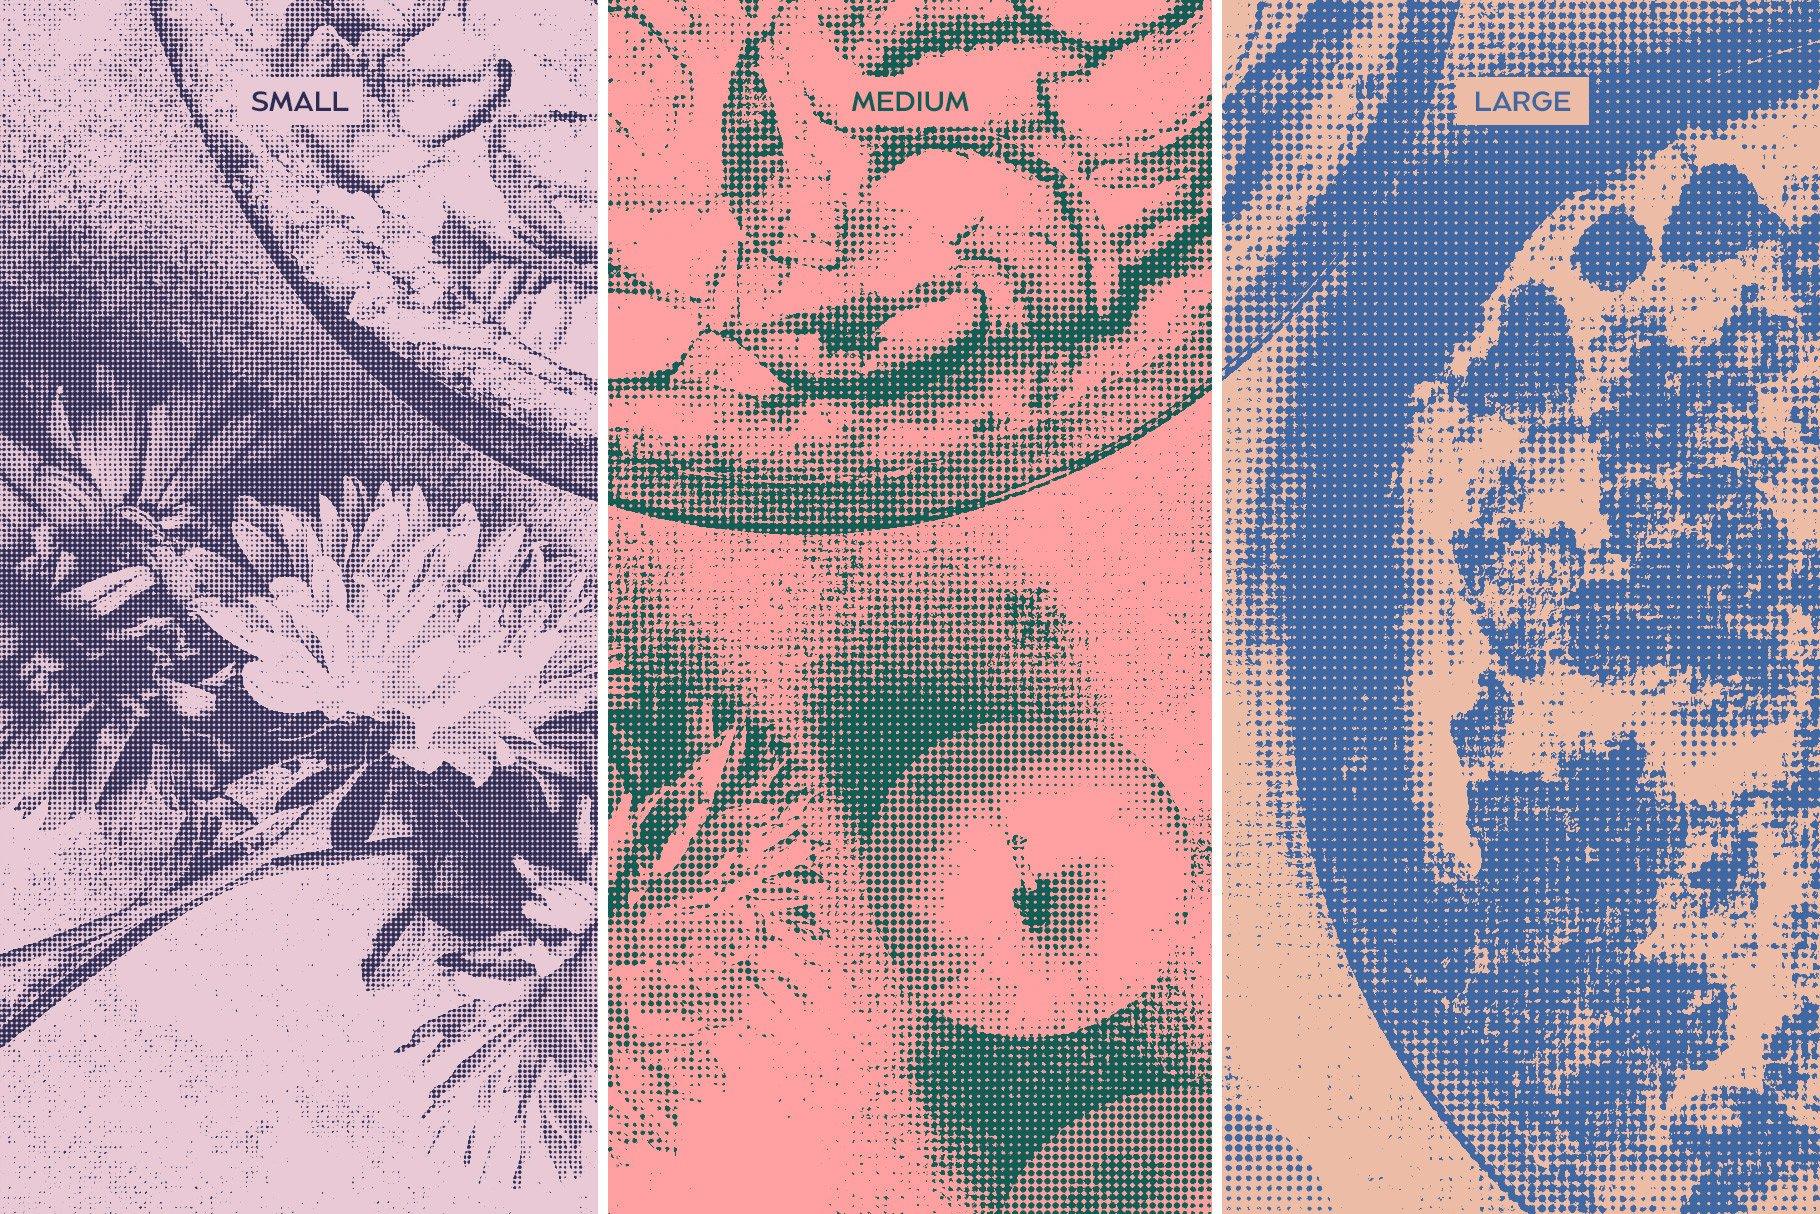 复古雕刻半调横纹波点效果Ps图片生成样式模板 Engraving & Halftone Effect Creator插图(8)